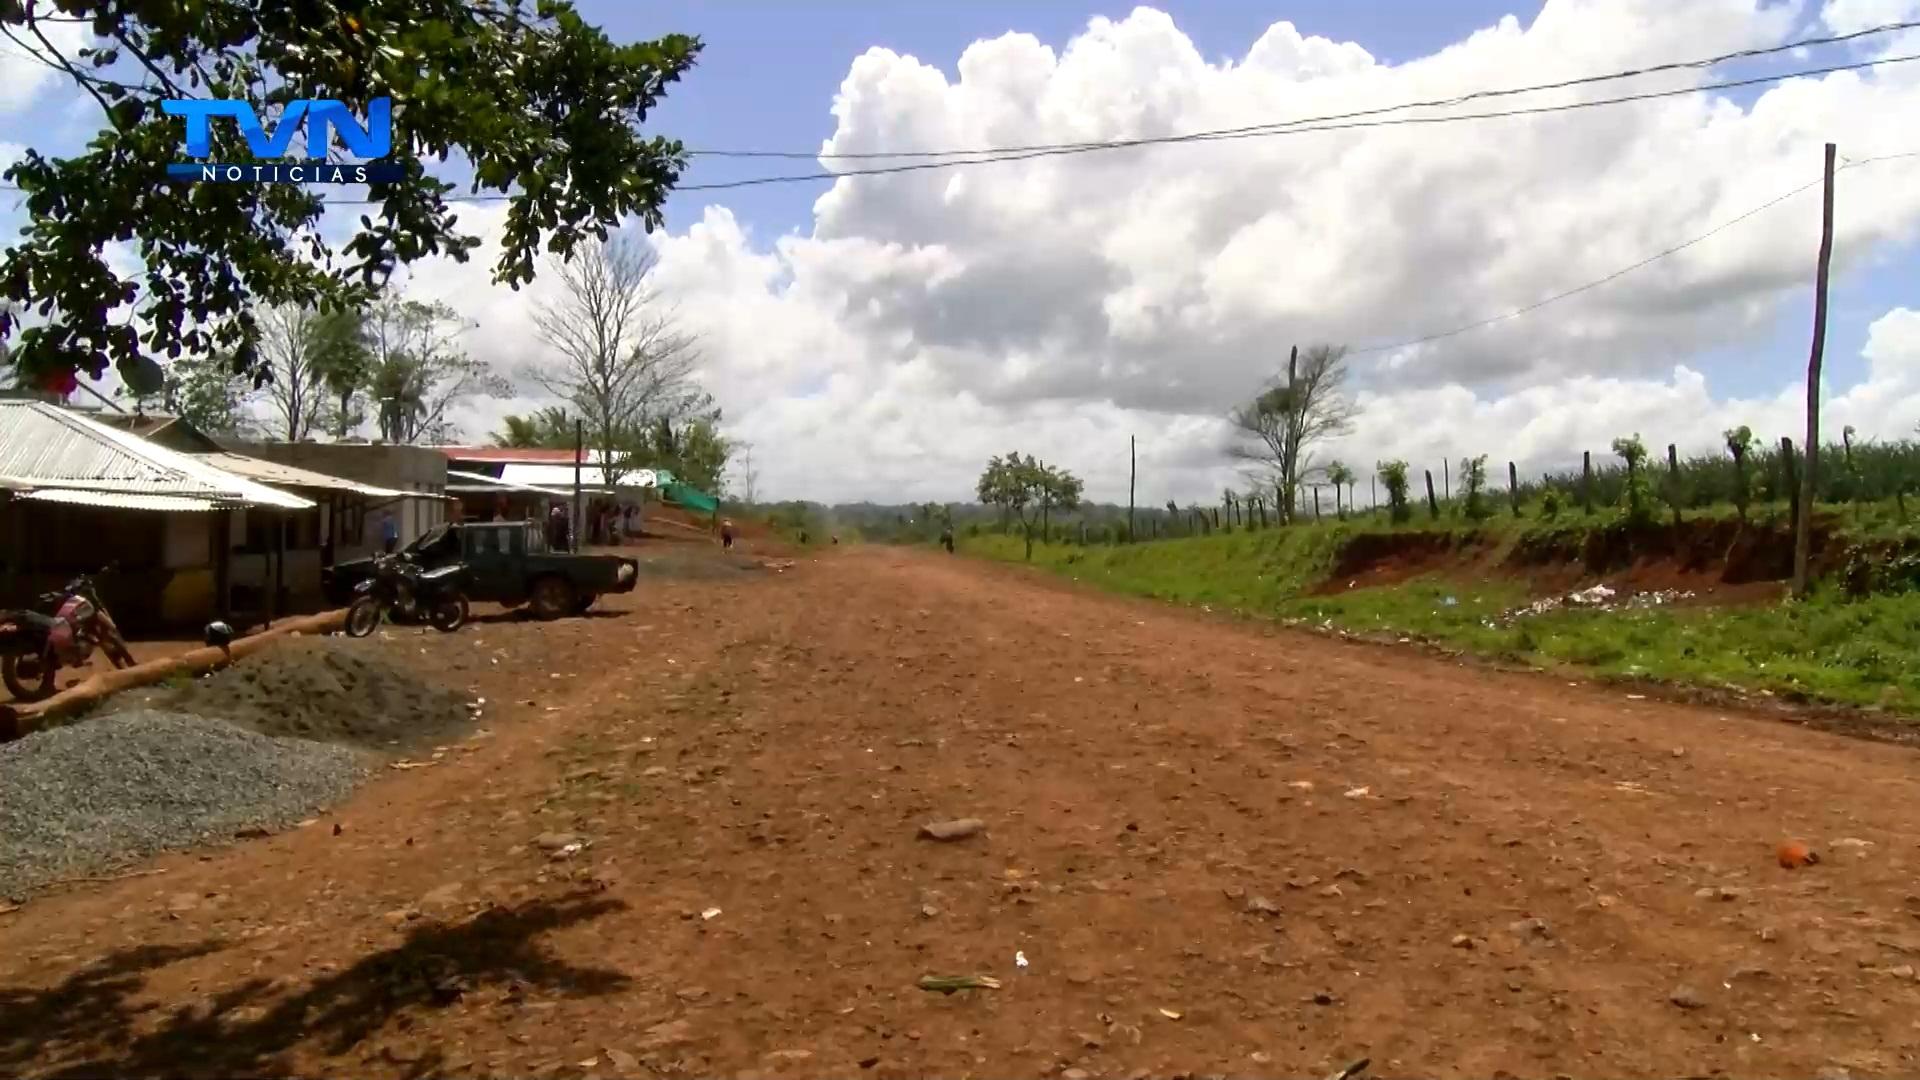 Un nuevo brote de malaria fue detectado en la frontera con Nicaragua